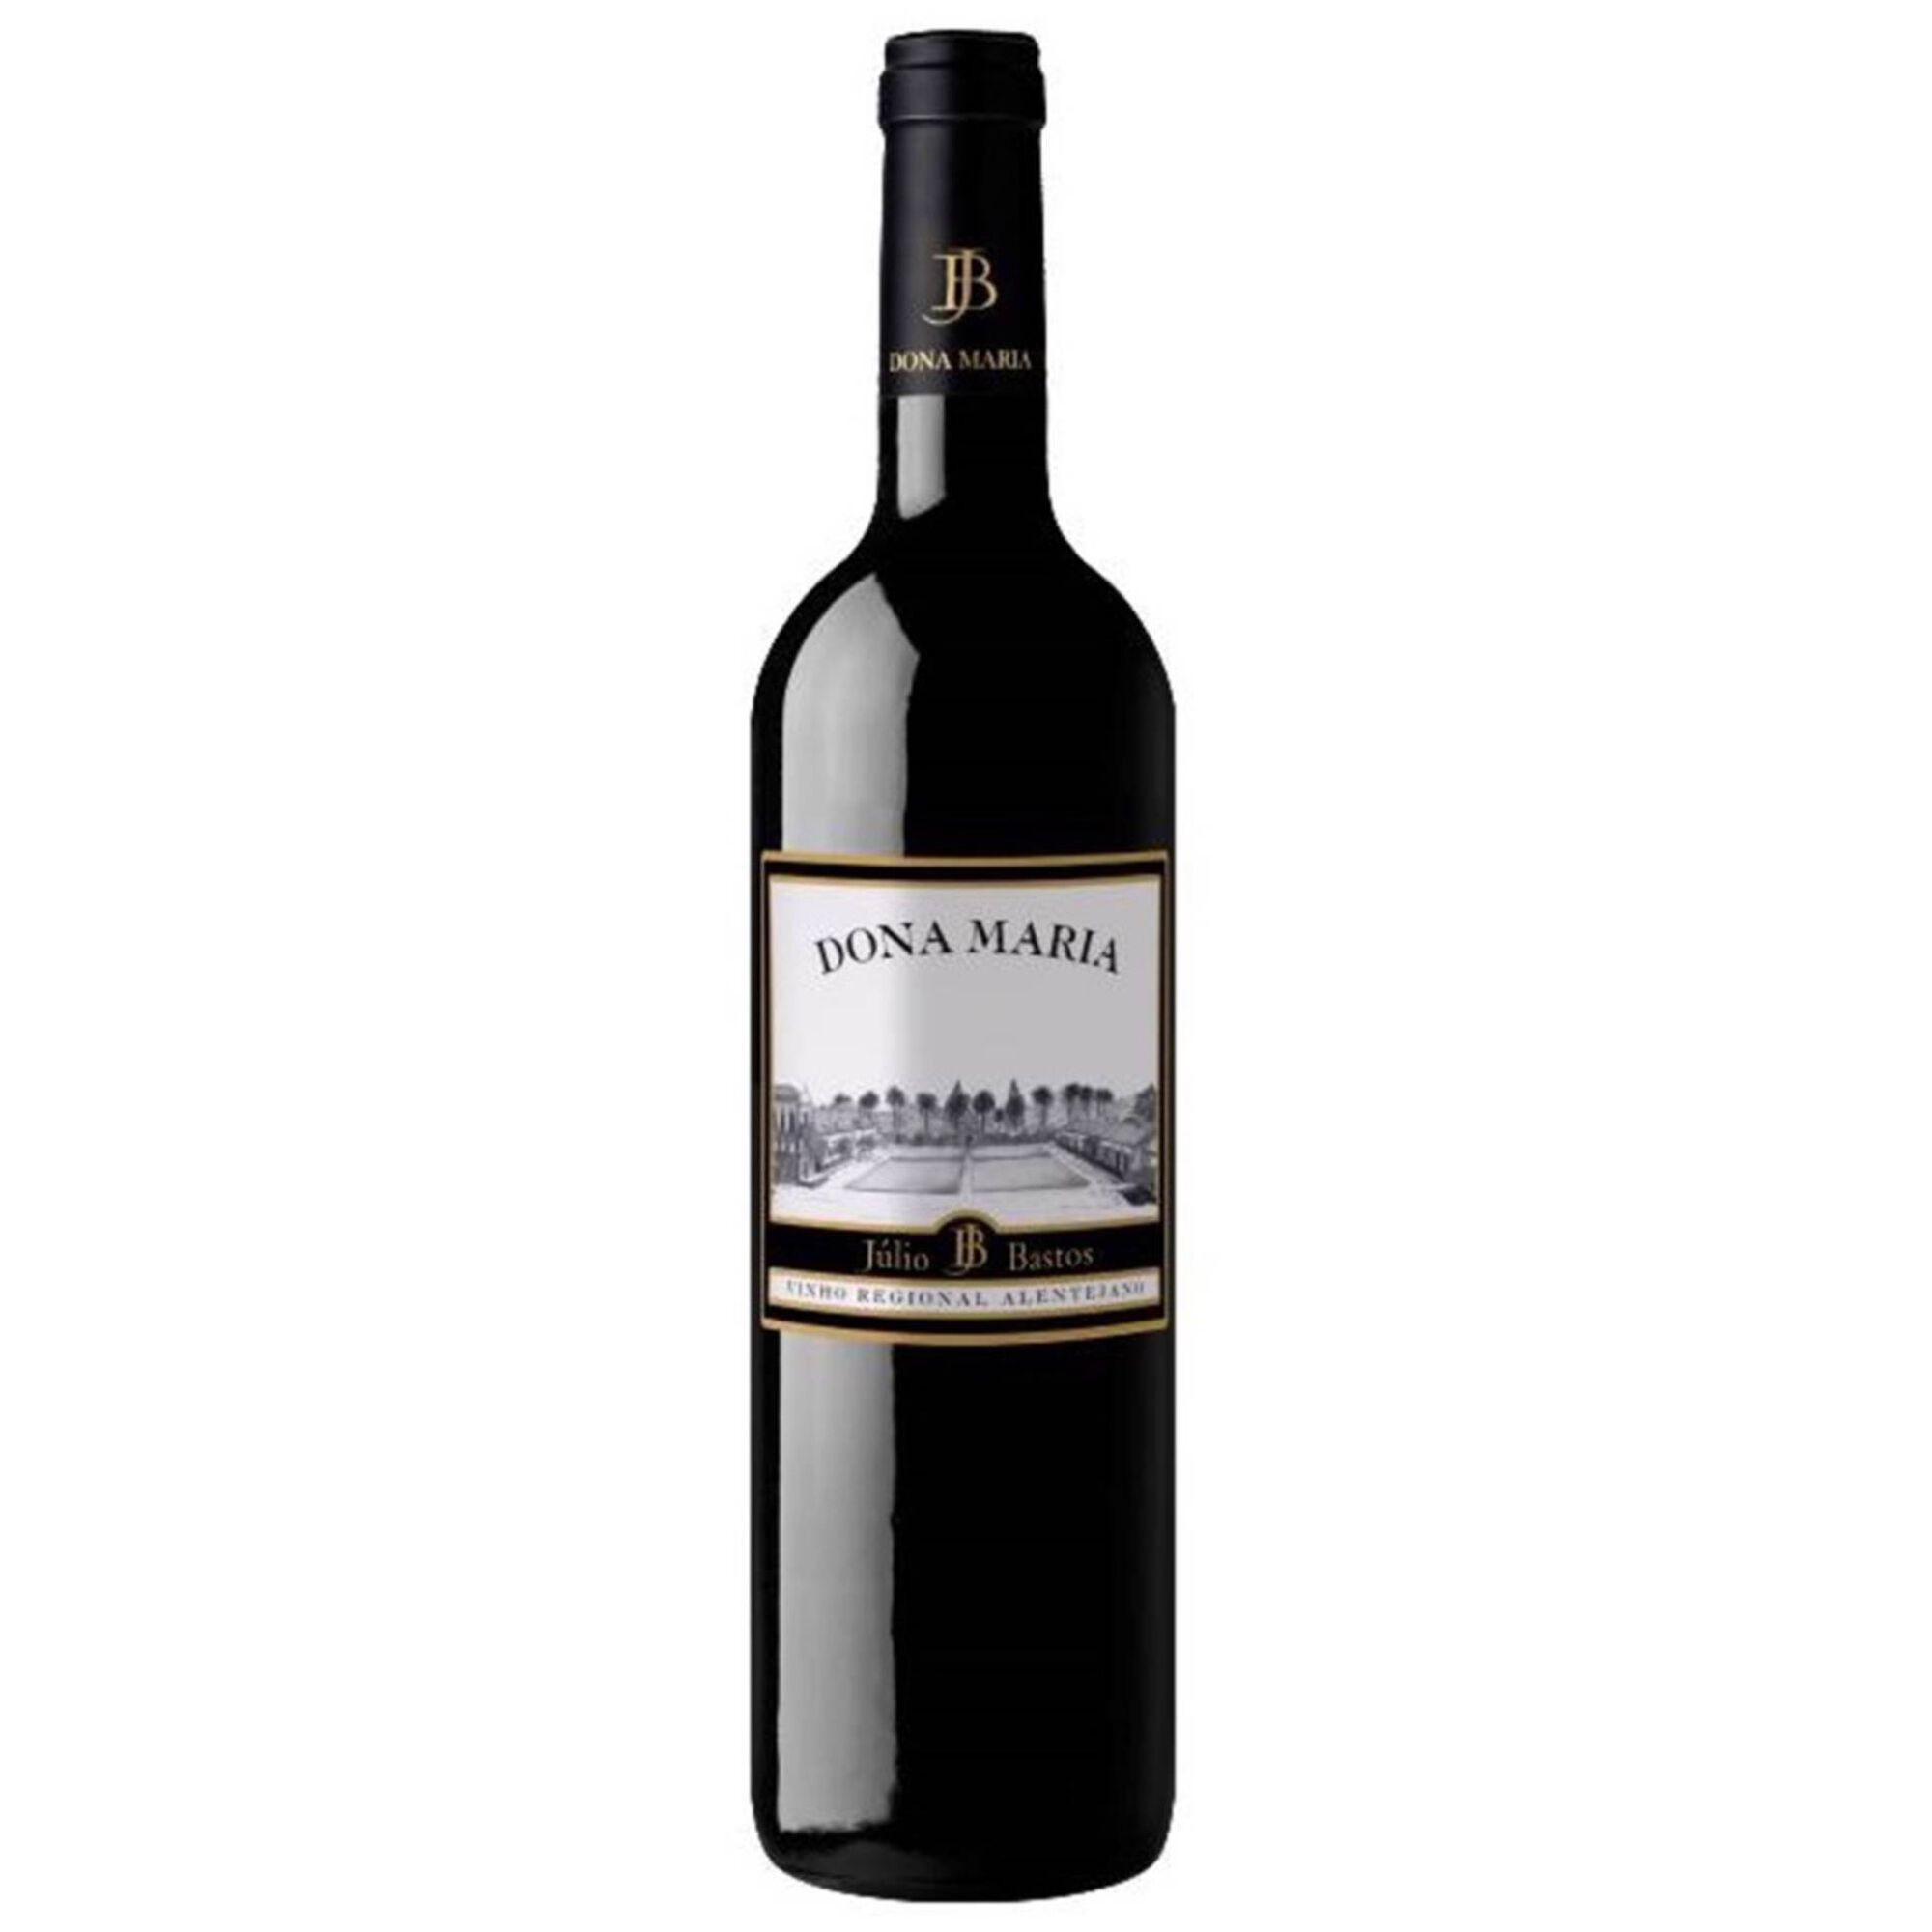 Dona Maria Regional Alentejano Vinho Tinto